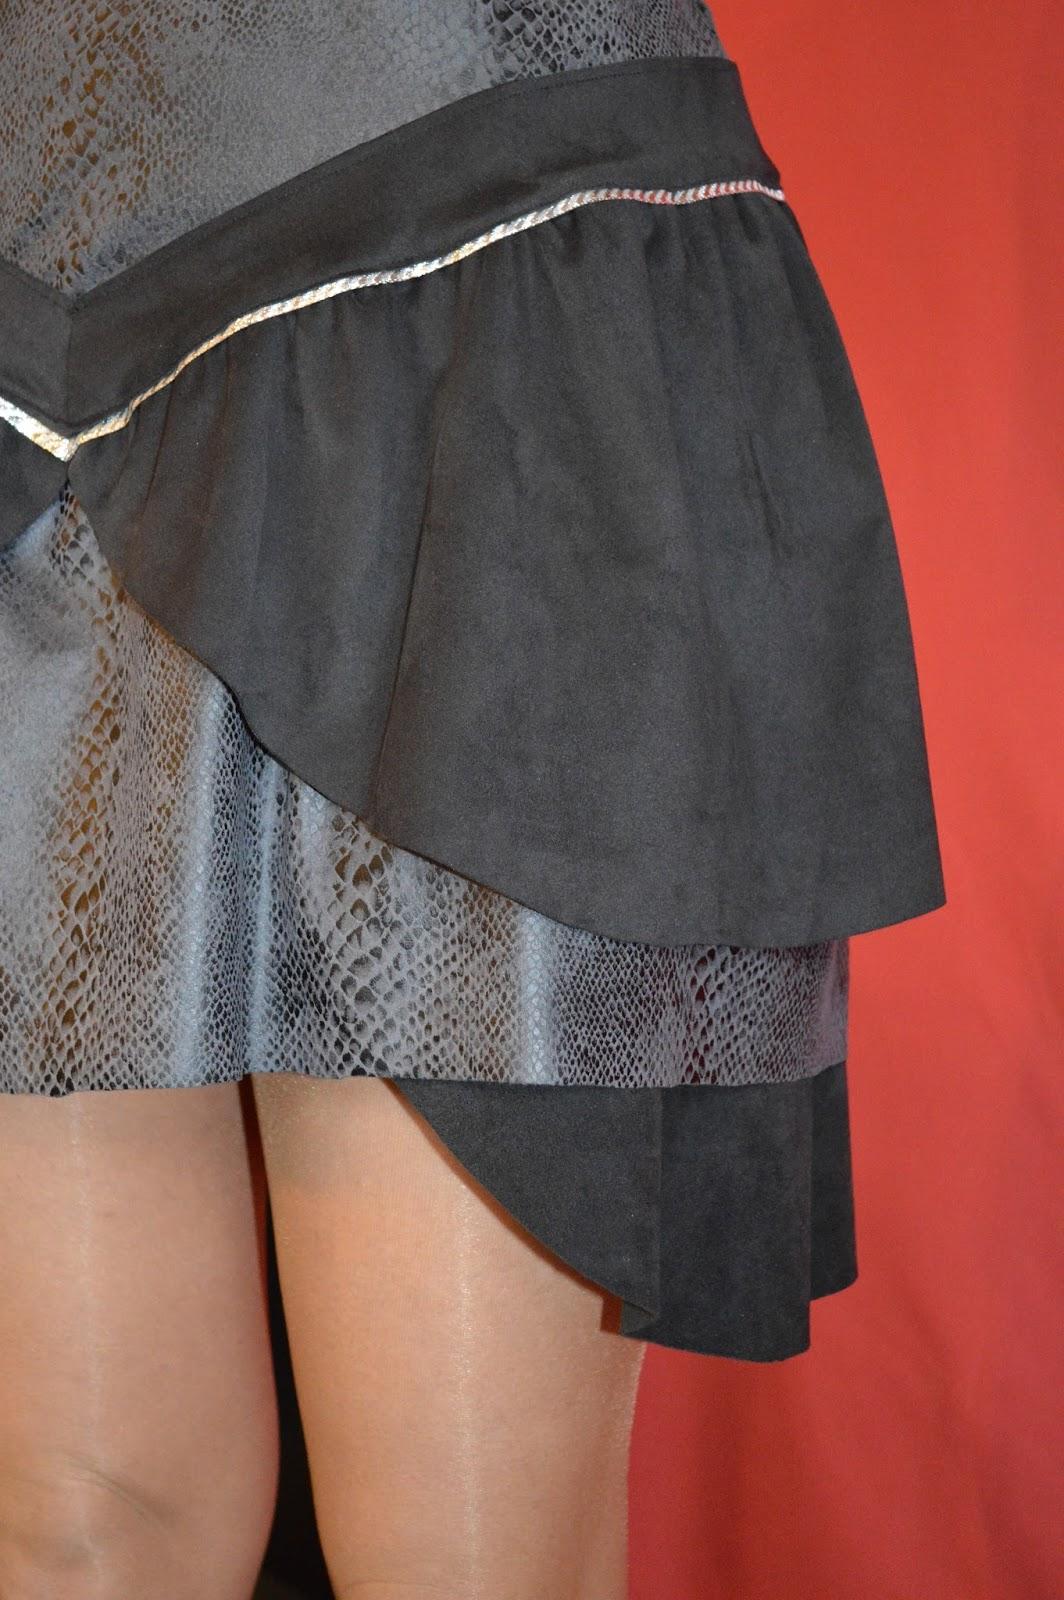 Meline tienne robe d 39 hiver en tissu peau de p che - Tissu peau de peche ...